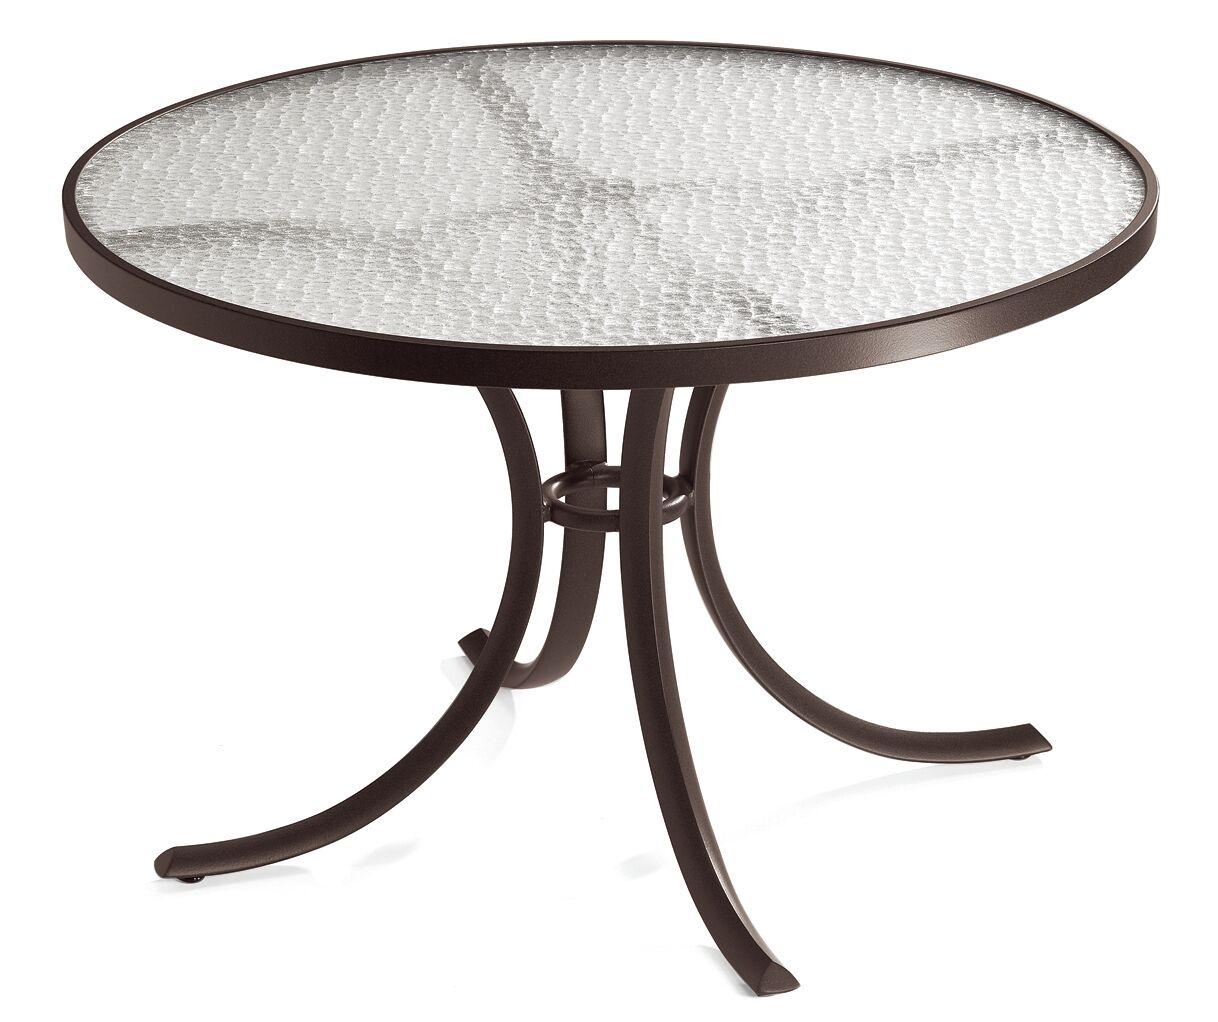 Cast Aluminum Dining Table Finish: Graphite